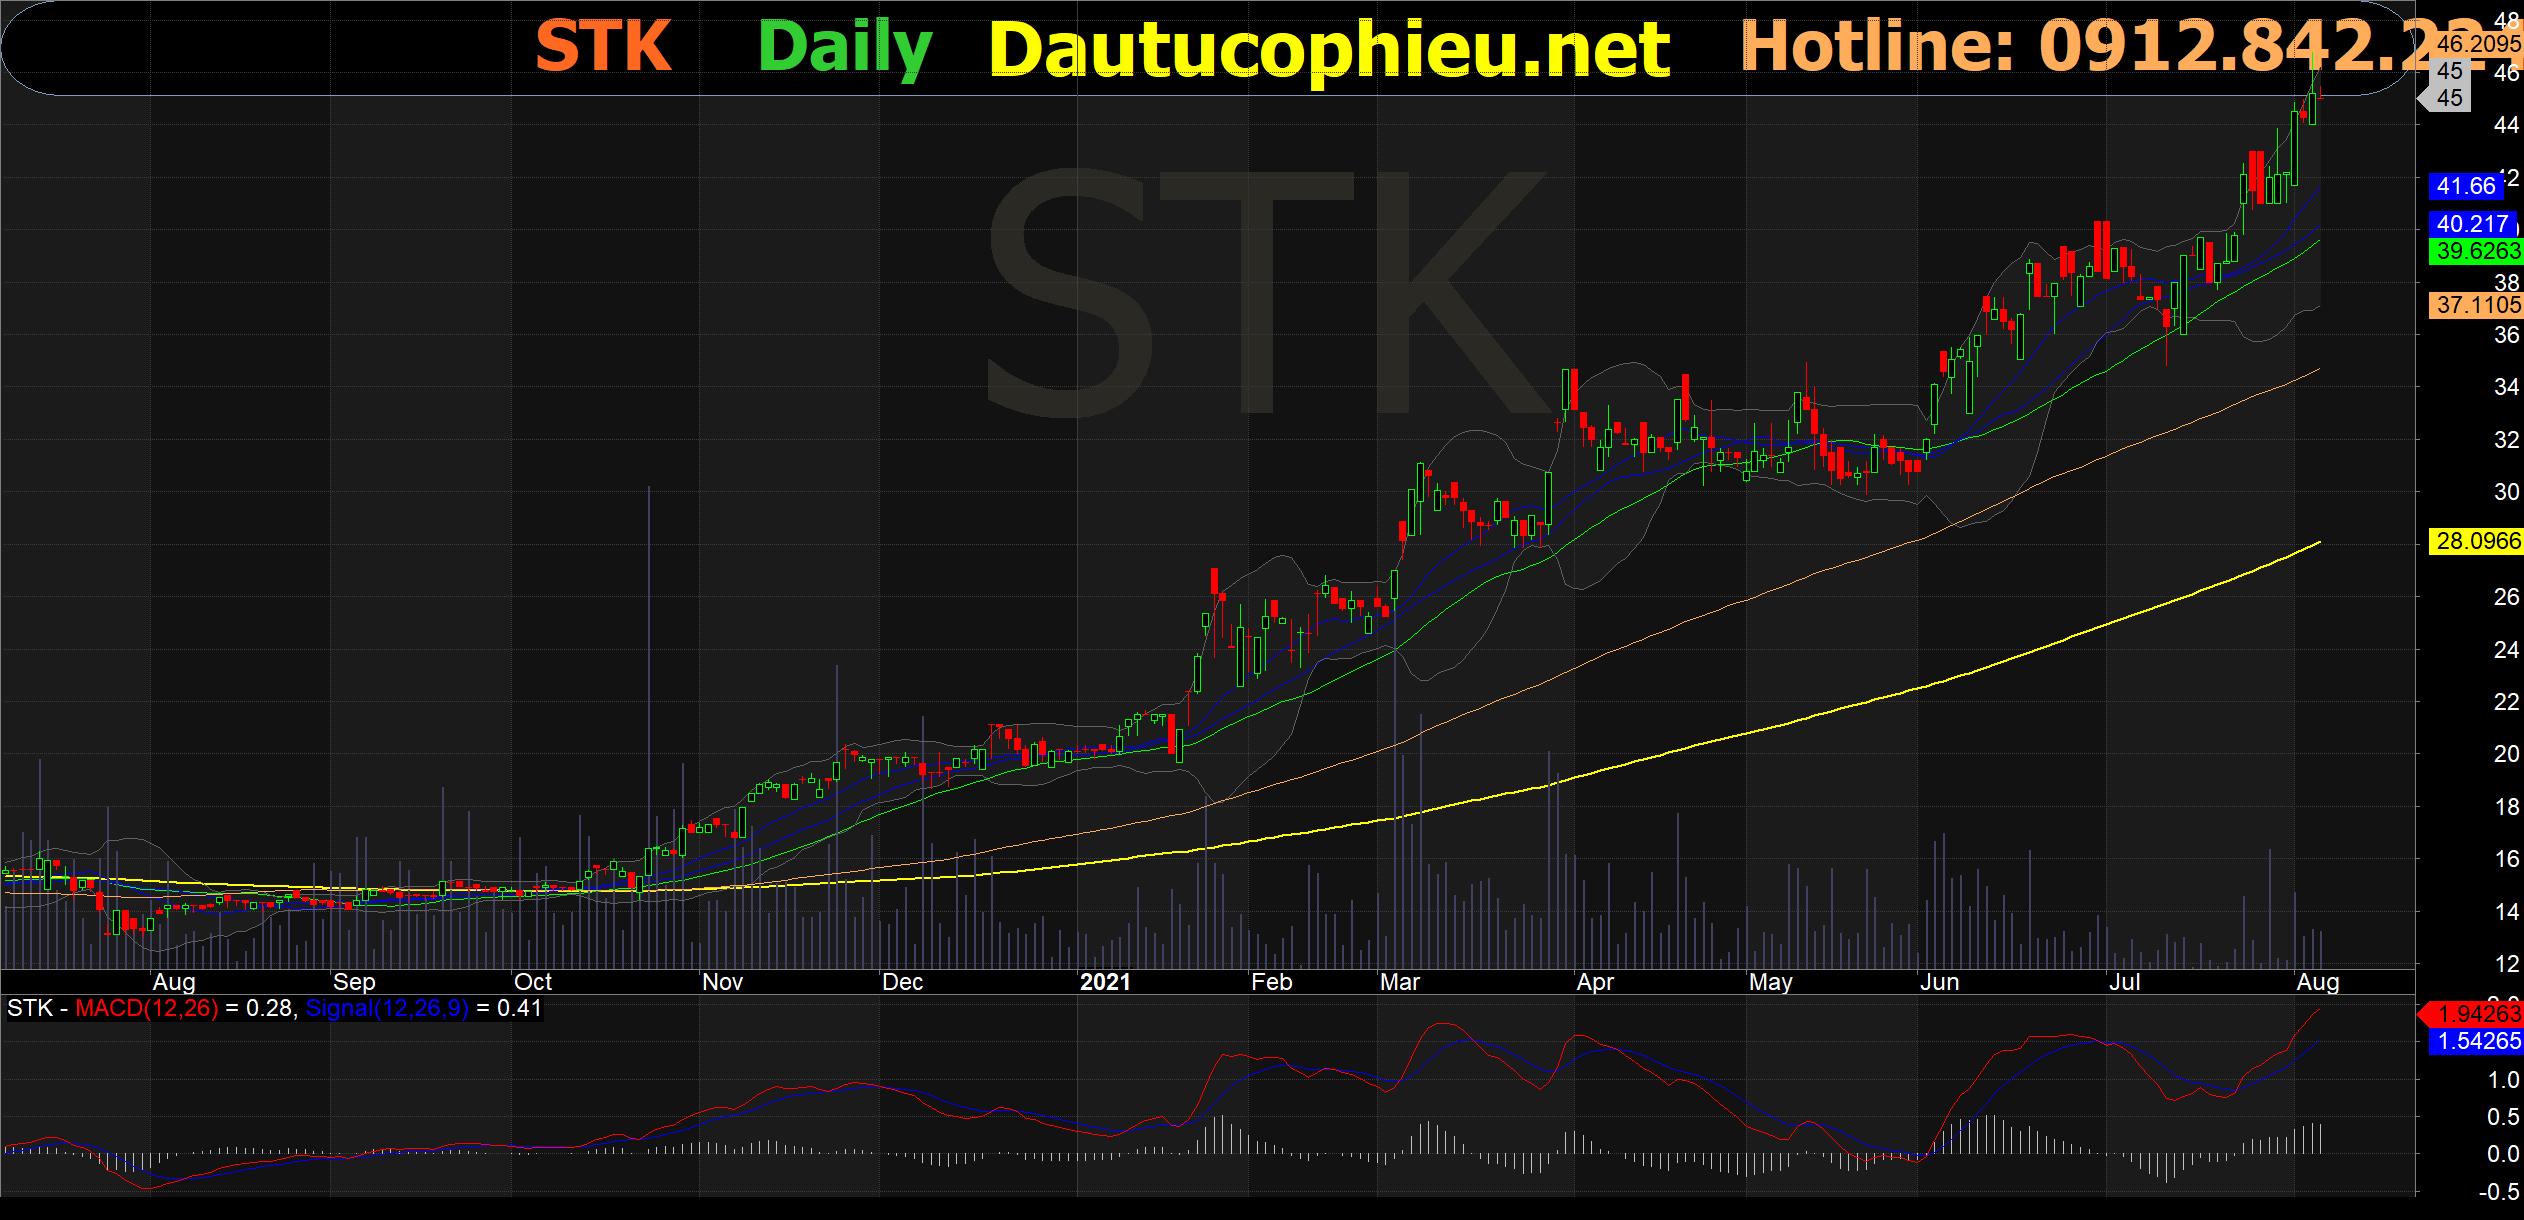 Đồ thị cổ phiếu STK phiên giao dịch ngày 05/08/2021. Nguồn: AmiBroker